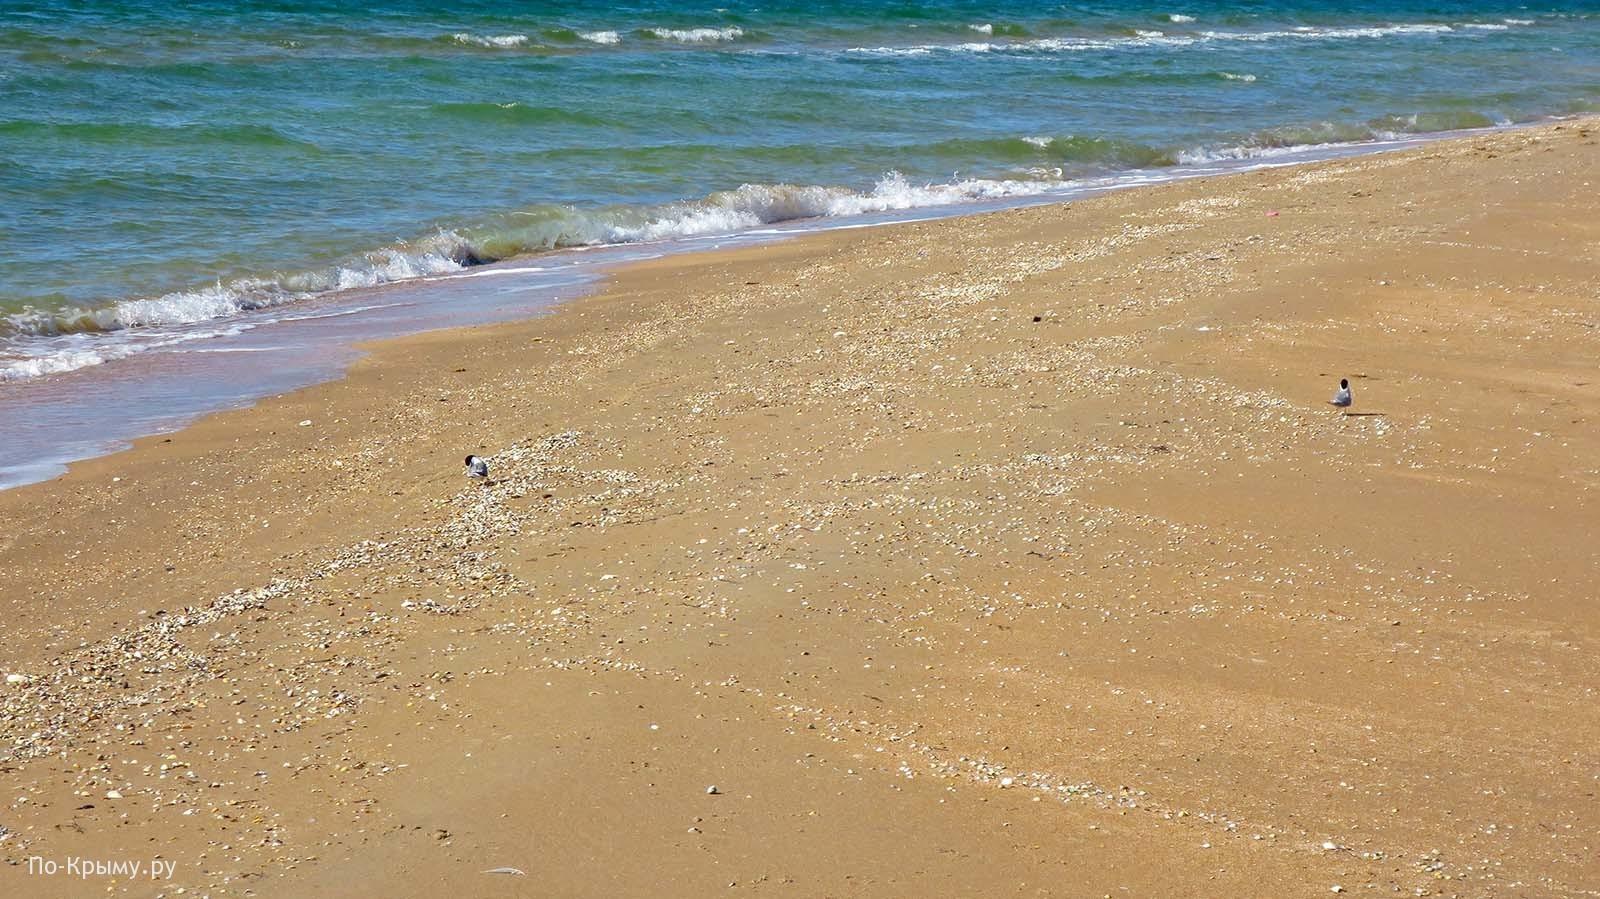 Крымское побережье Азовского моря. Песчаный пляж Новоотрадного